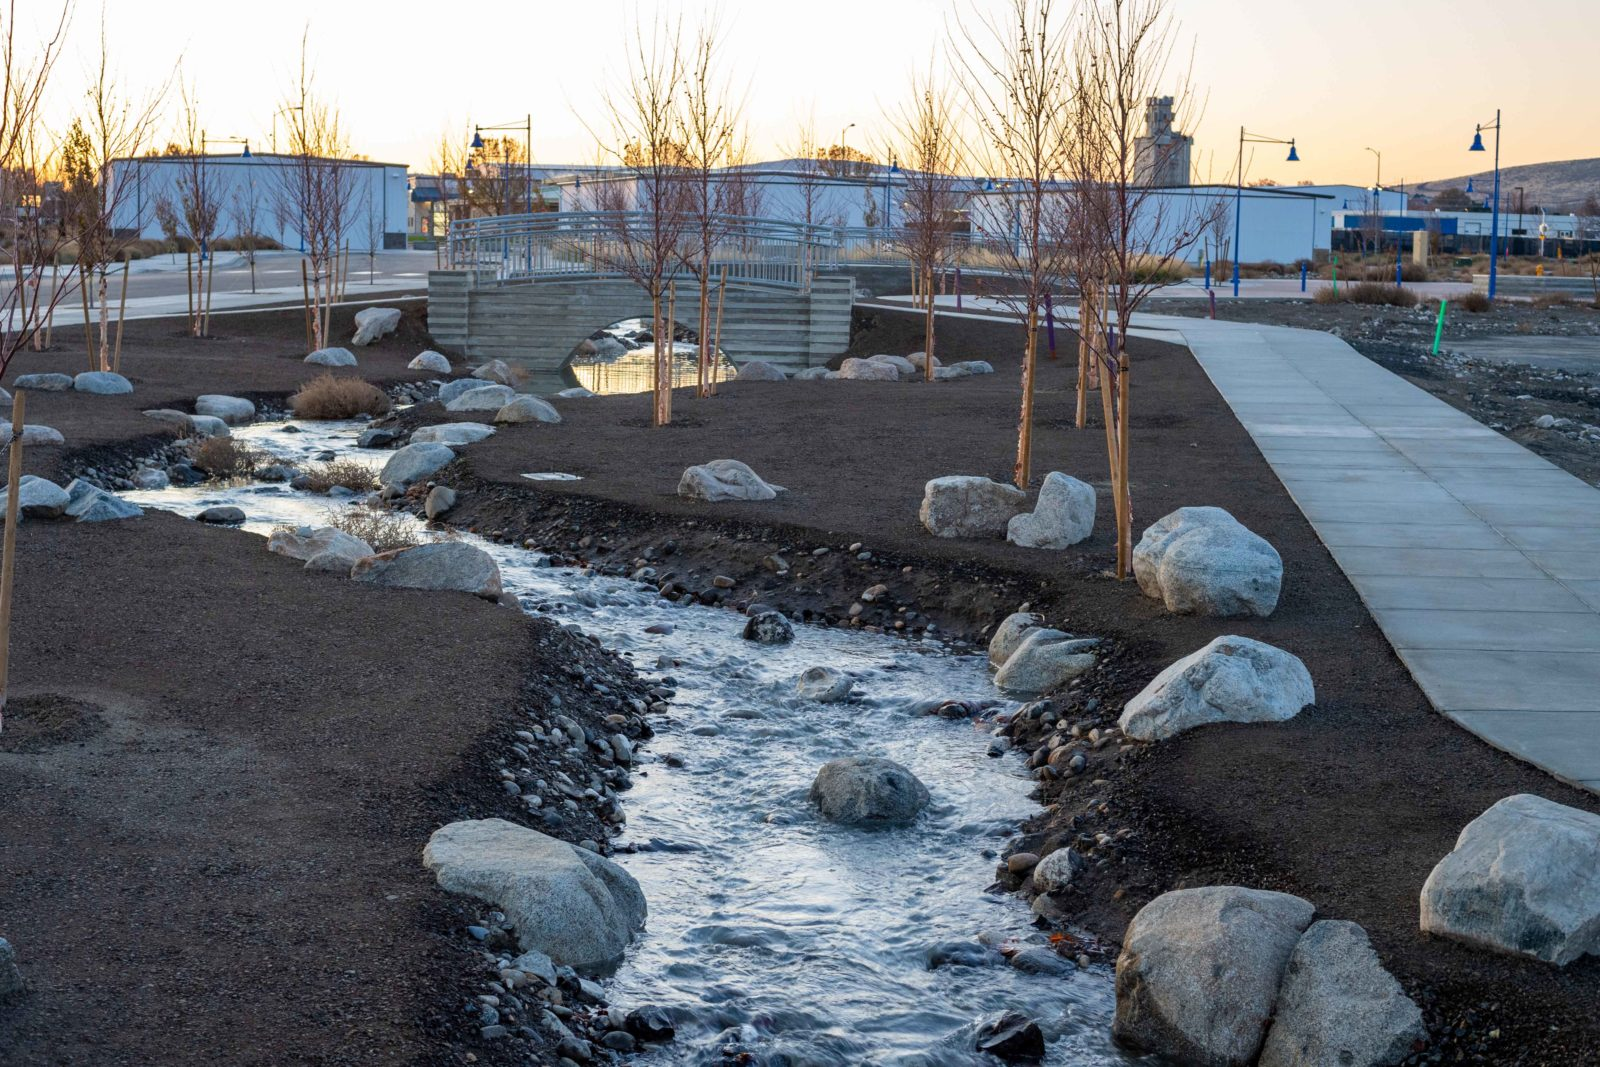 A waterway feature runs alongside the sidewalk in parts of Vista Field.